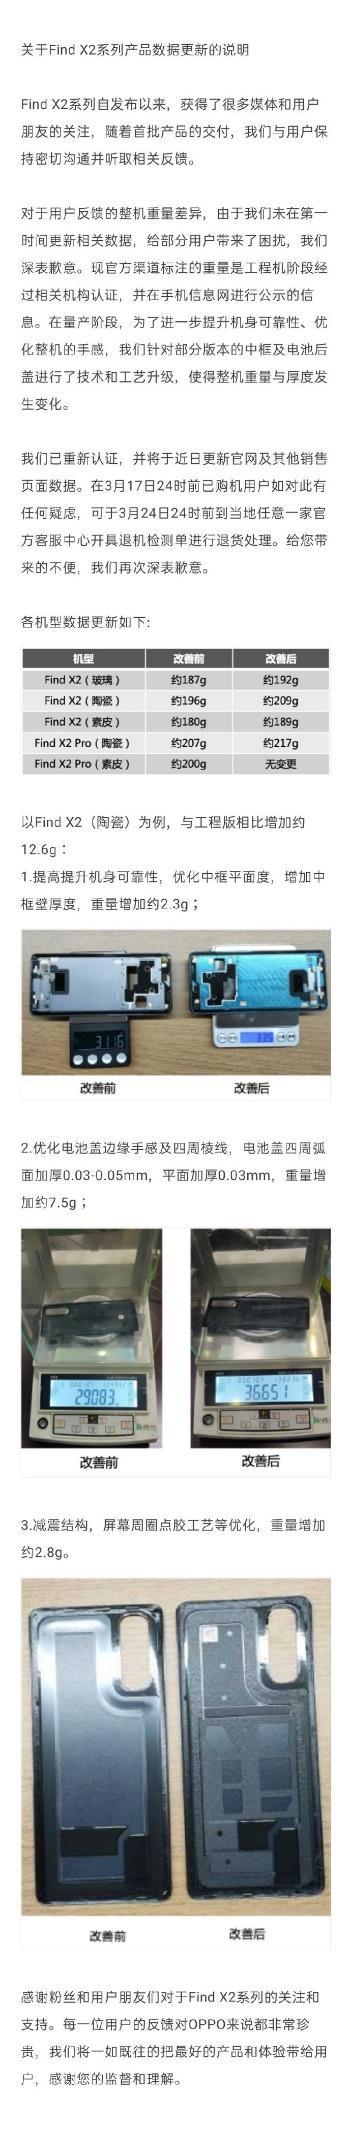 6999元起的手机重量有问题?OPPO发道歉声明:不满意可退款